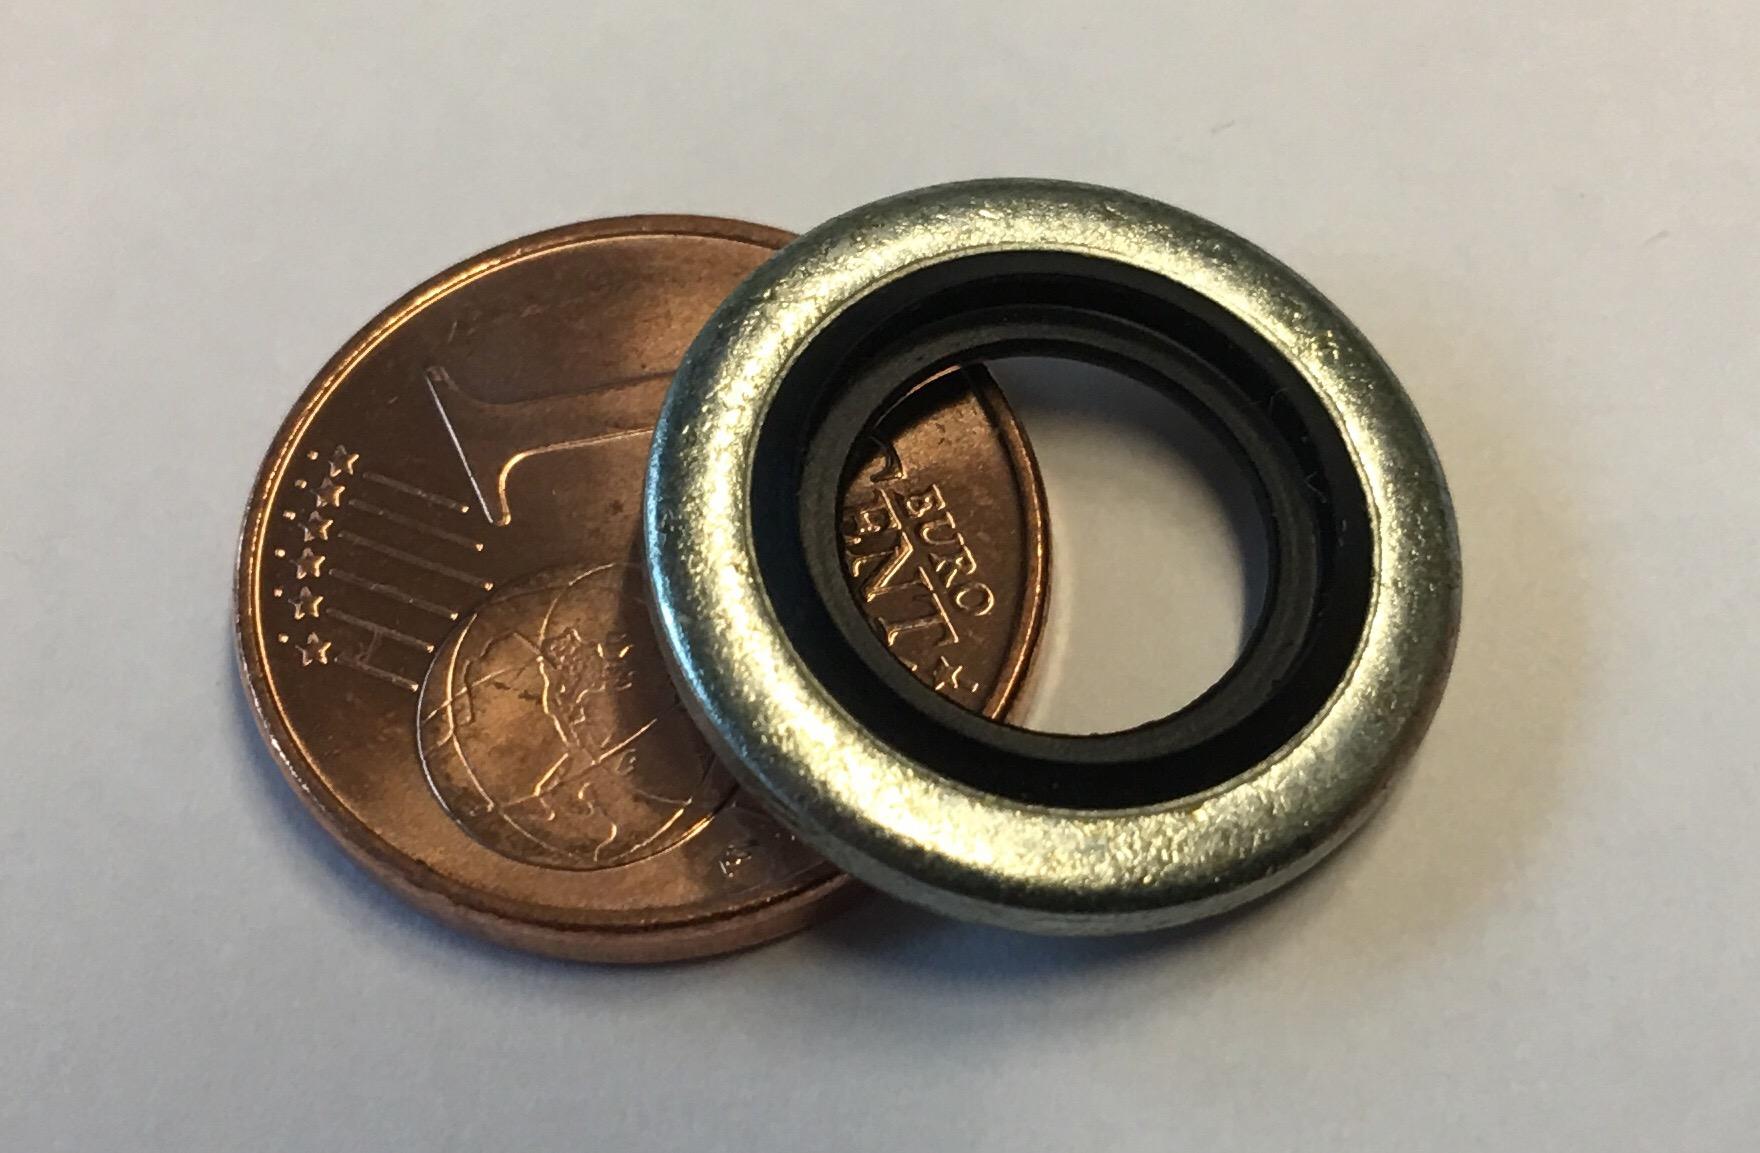 Größenvergleich der Verbunddichtung mit einem Cent Stück